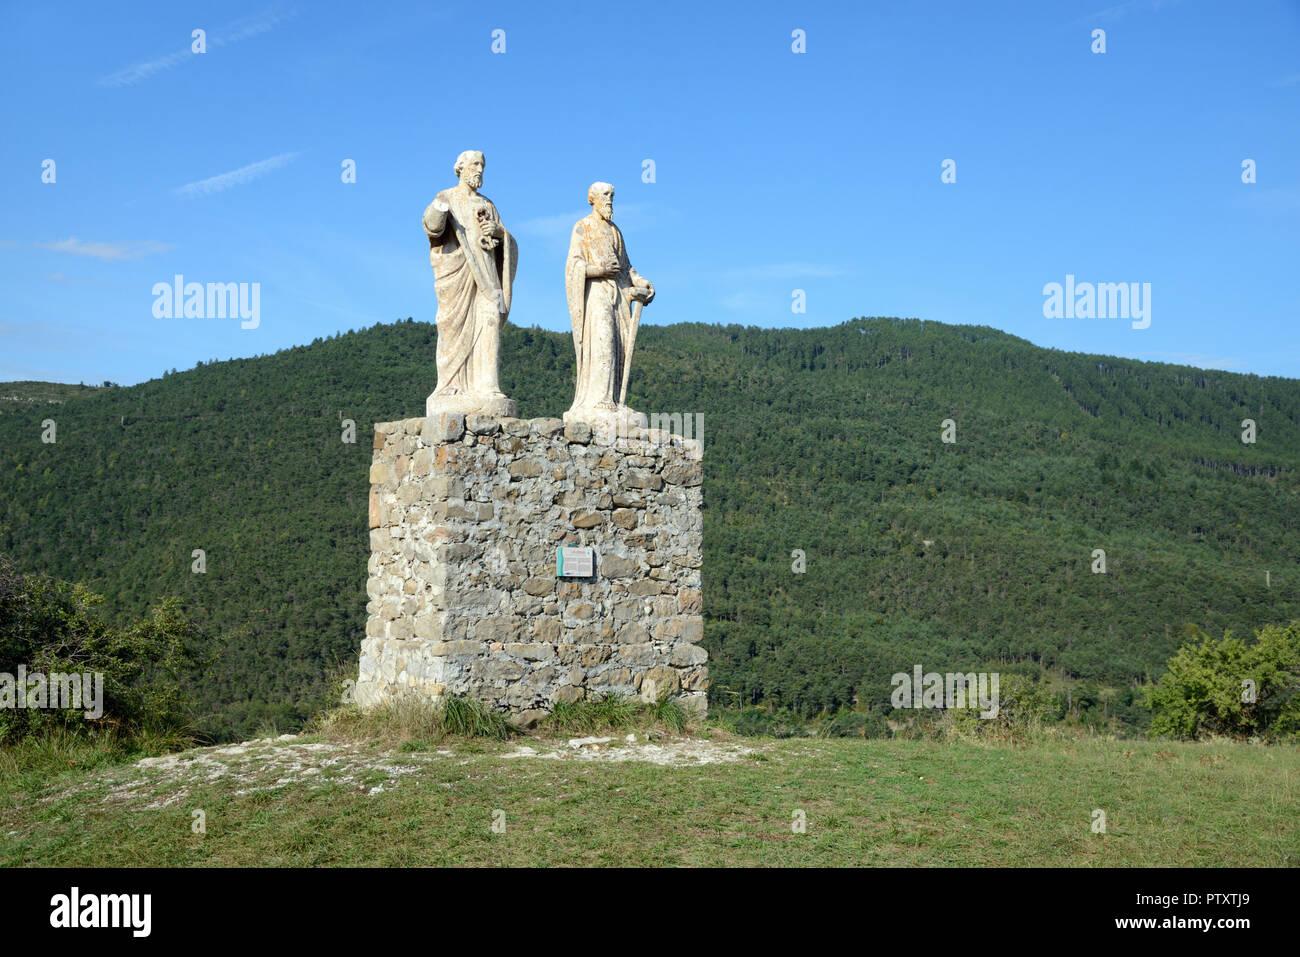 Sculptures or Statues of Saint Peter & Saint Paul (1891) above the town of Saint André-les-Alpes Alpes-de-Haute-Provence Provence France - Stock Image